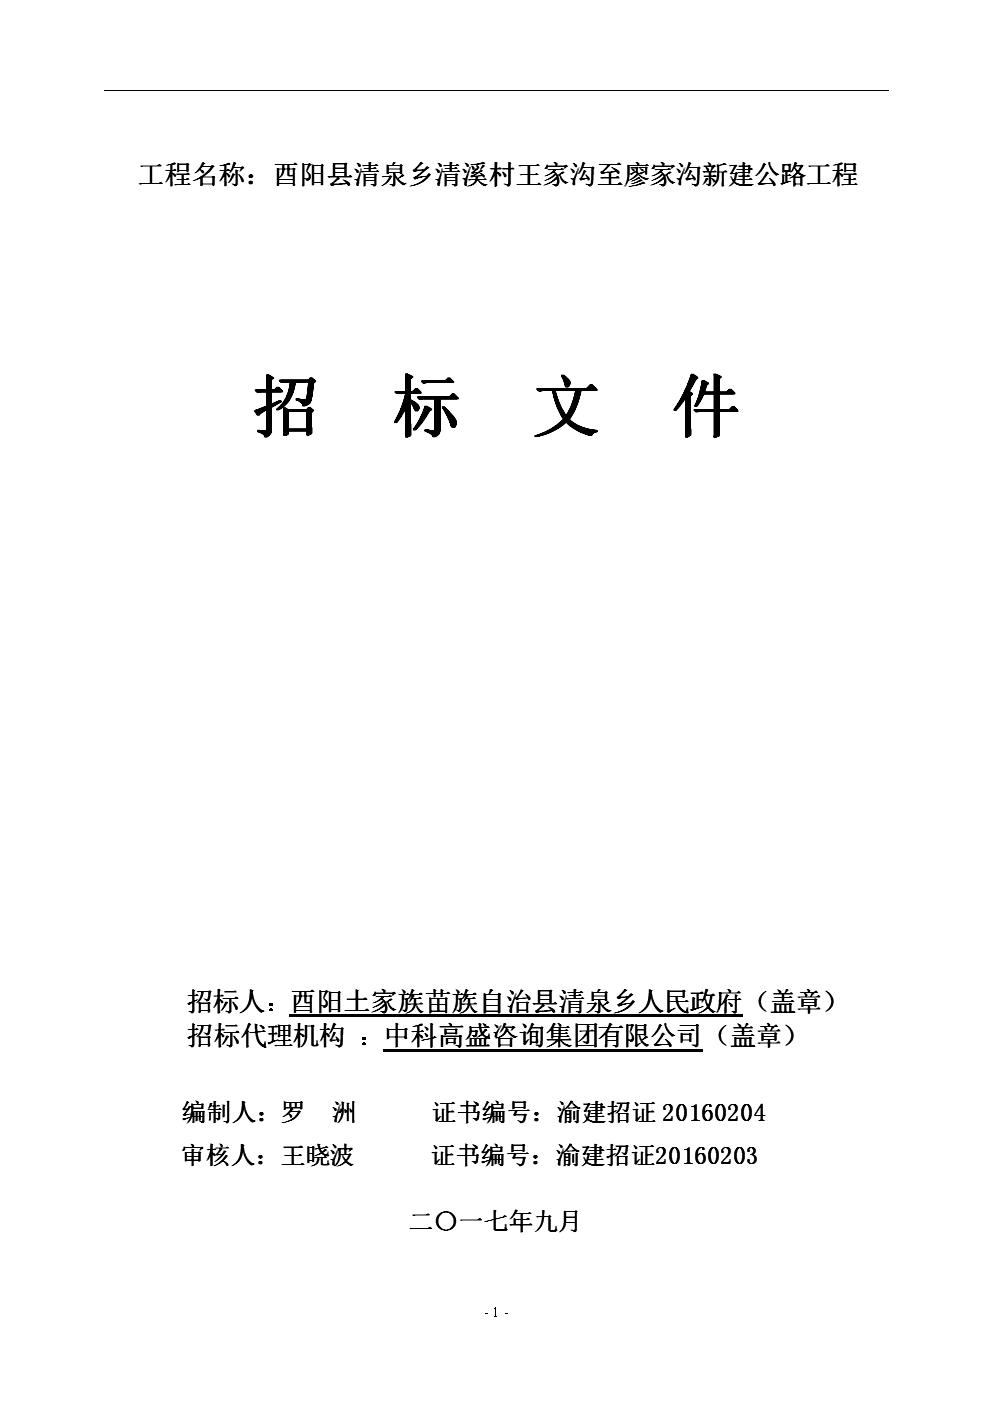 酉阳县清泉乡清溪村王家沟至廖家沟新建公路工程招标文件.doc